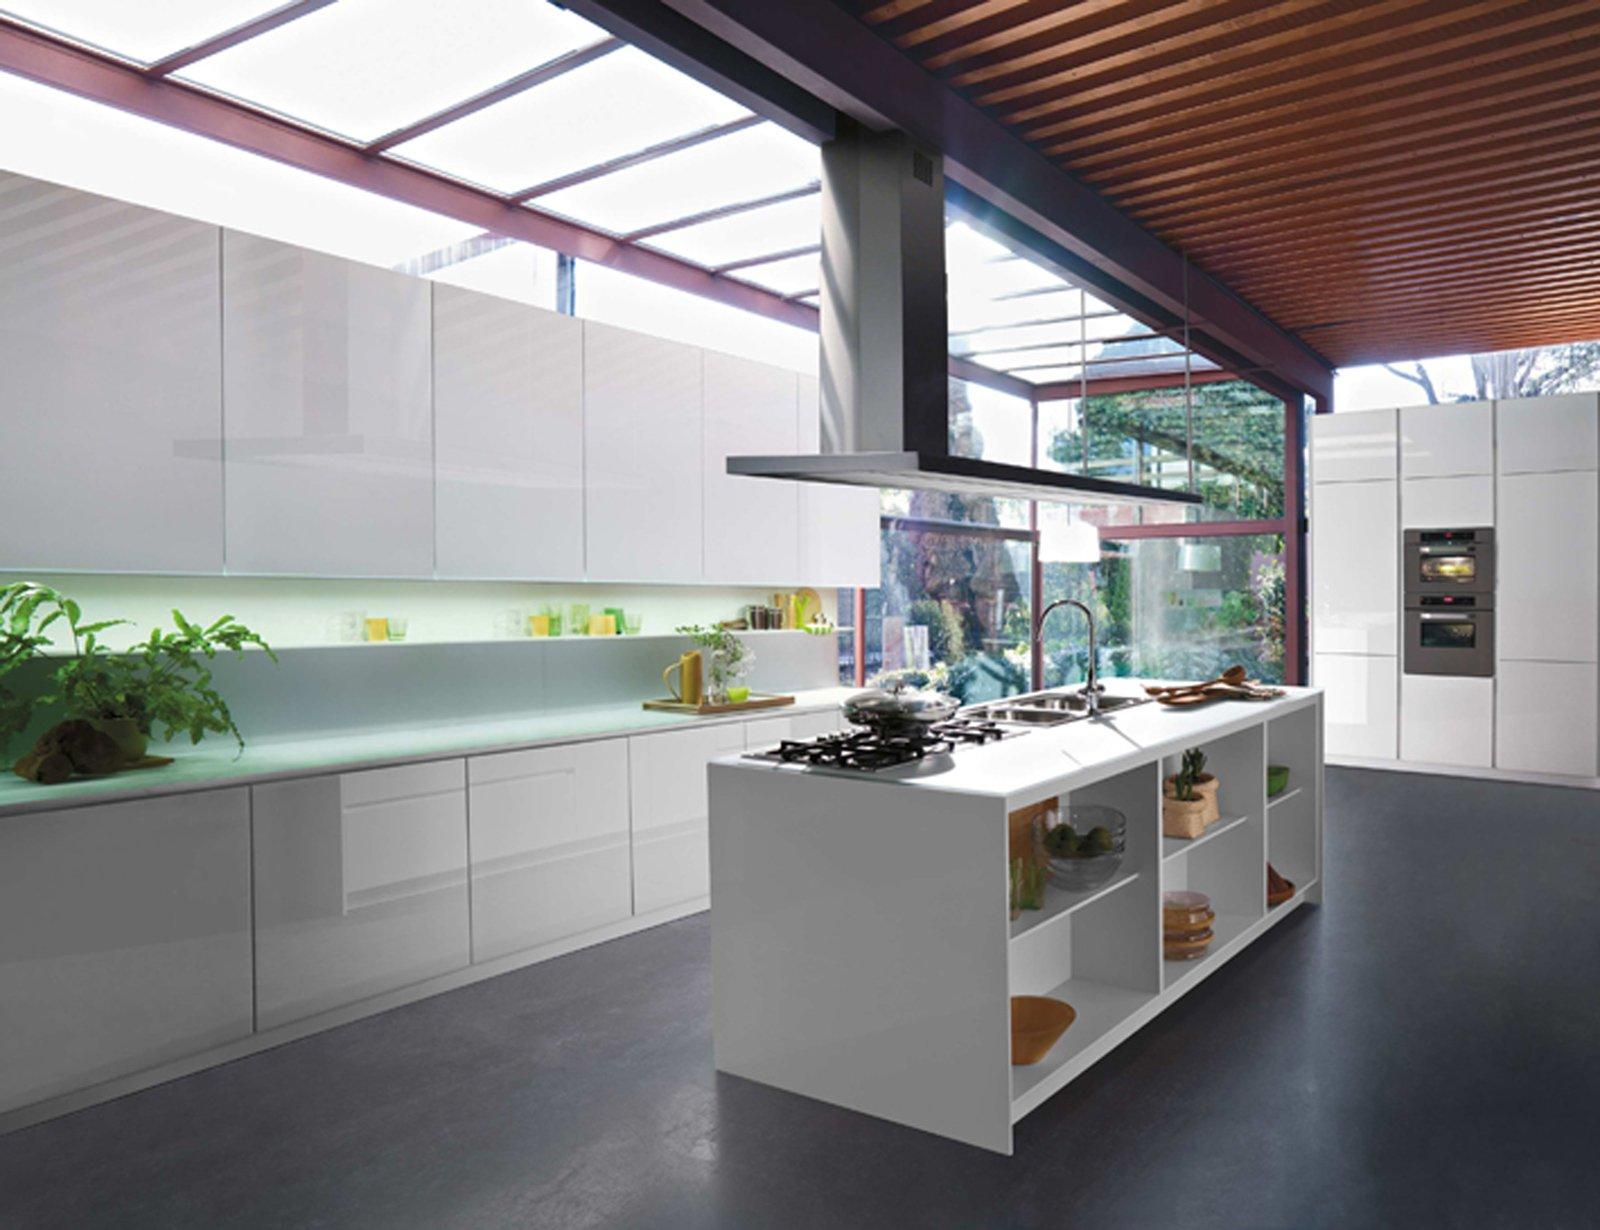 Cucine in vetro con superfici a specchio